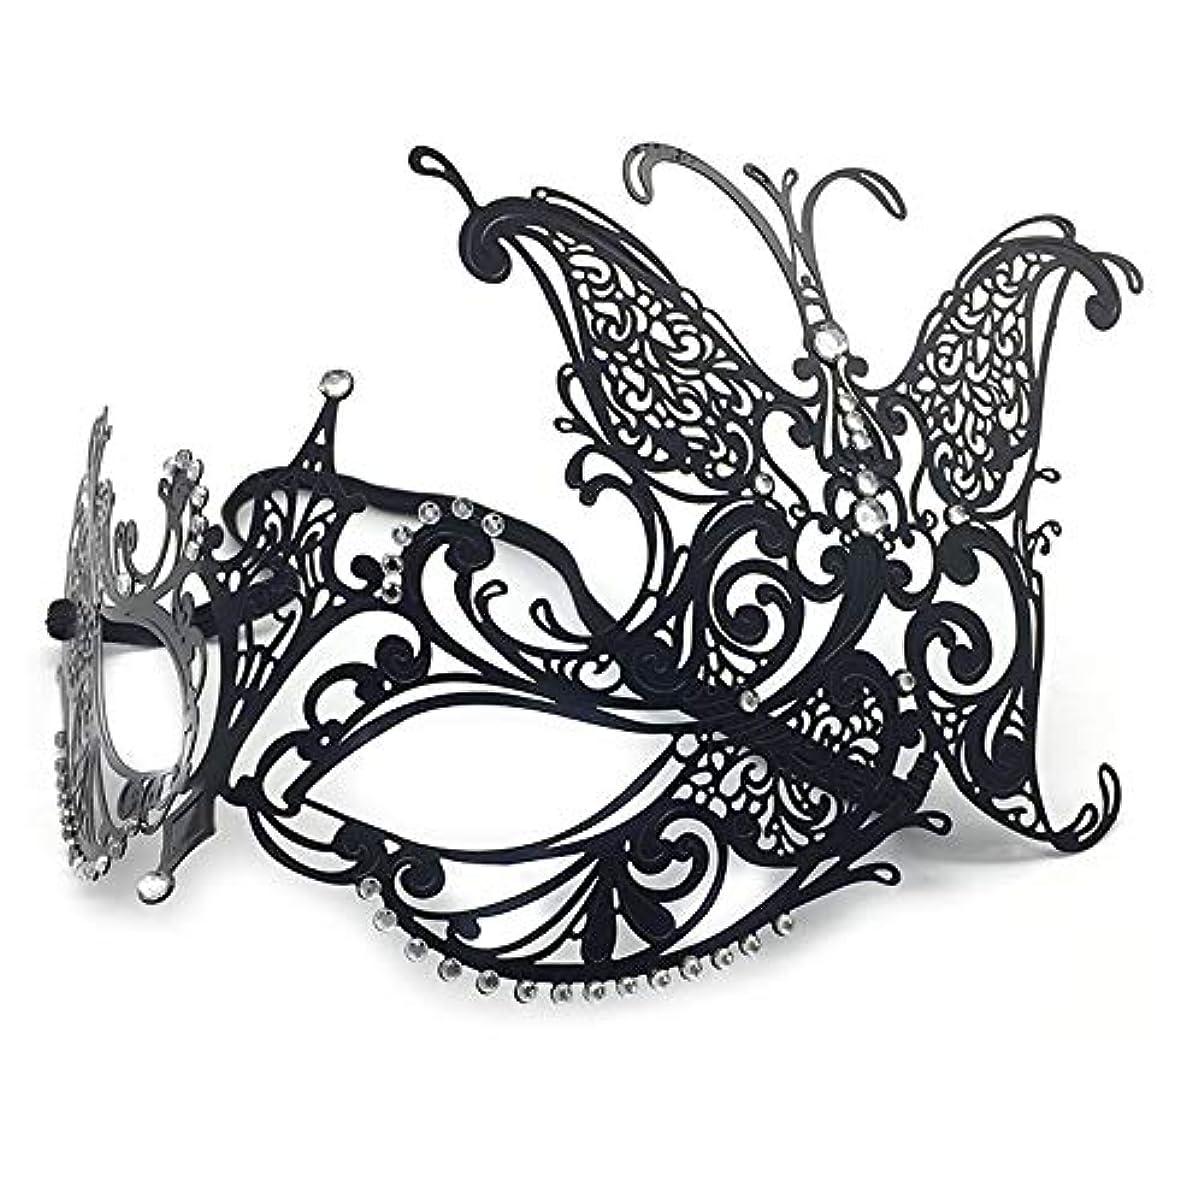 疲れた雄弁な柔らかいハロウィンマスク仮装ハーフフェイスマスクレディバタフライメタルダイヤモンドパーティーアイマスク